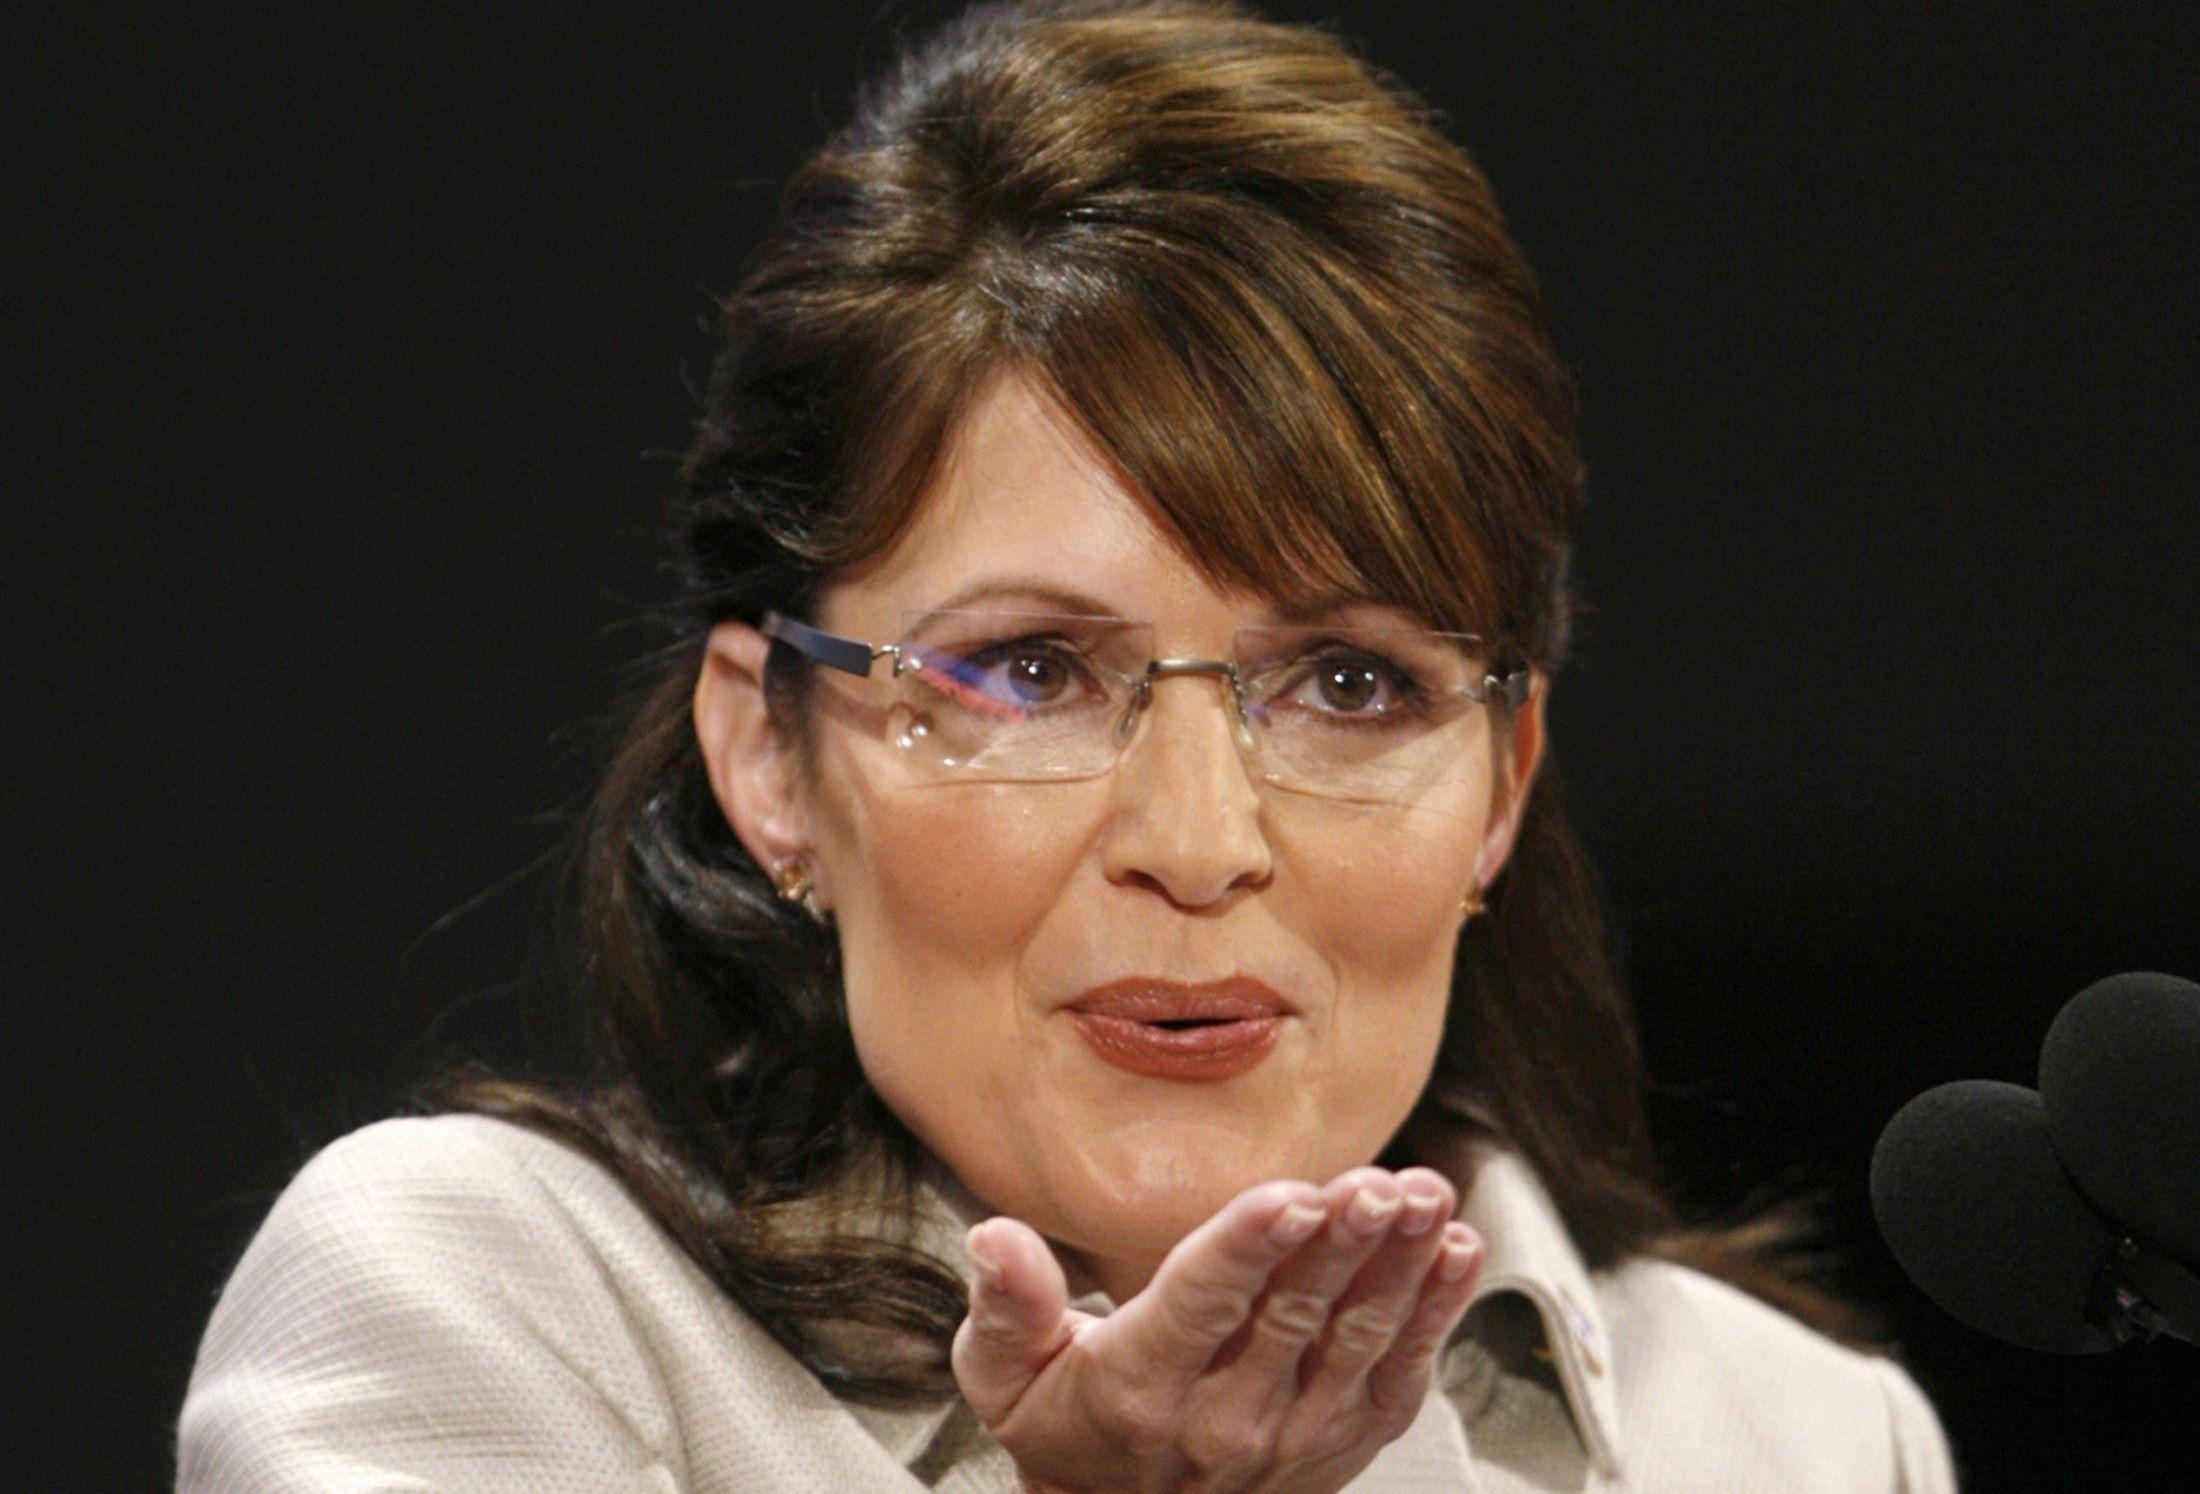 0119_Sarah_Palin_Donald_Trump